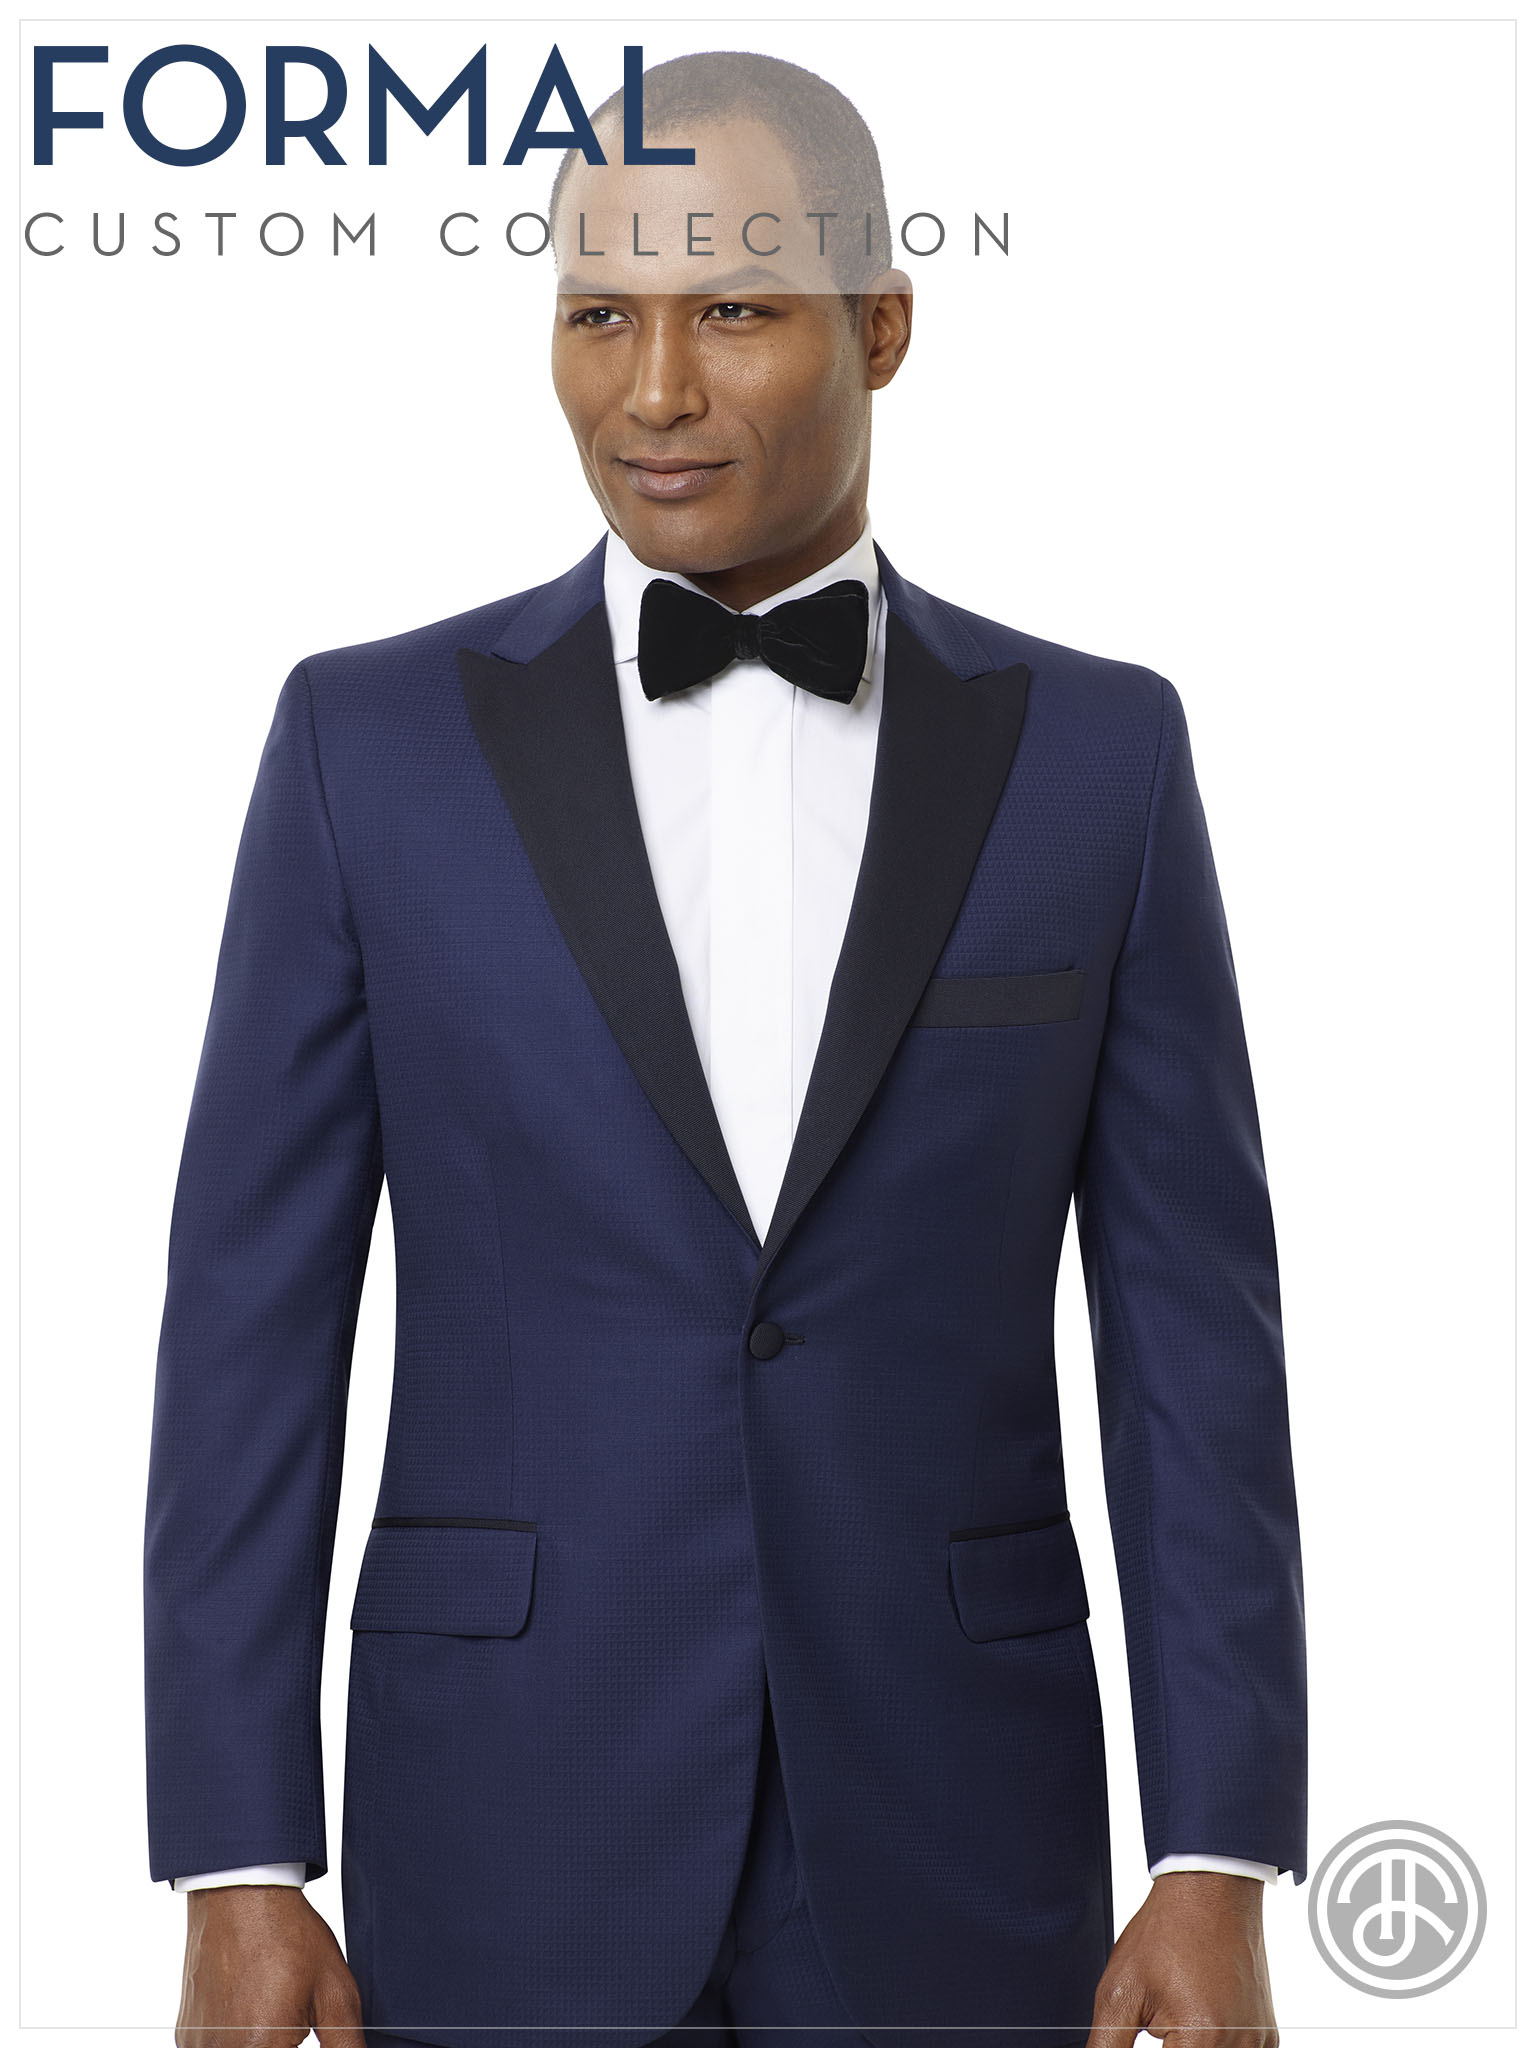 formal wear 2019 tuxedo bow tie vest blue black black watch